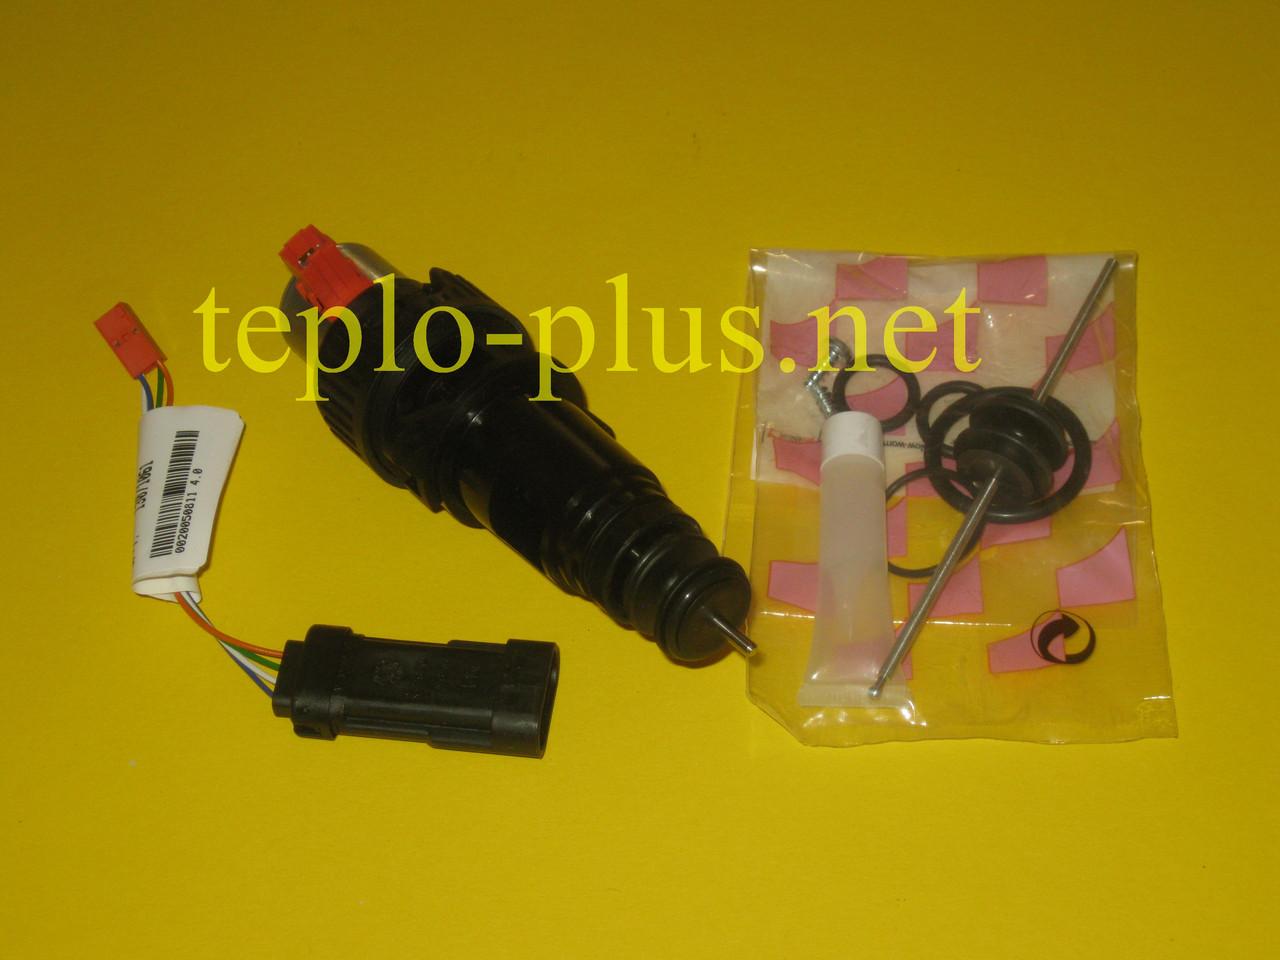 Ремкомплект трехходового клапана 0020136956 (0020133228) Saunier Duval Isofast, Semia, Isotwin, Themafast, фото 2